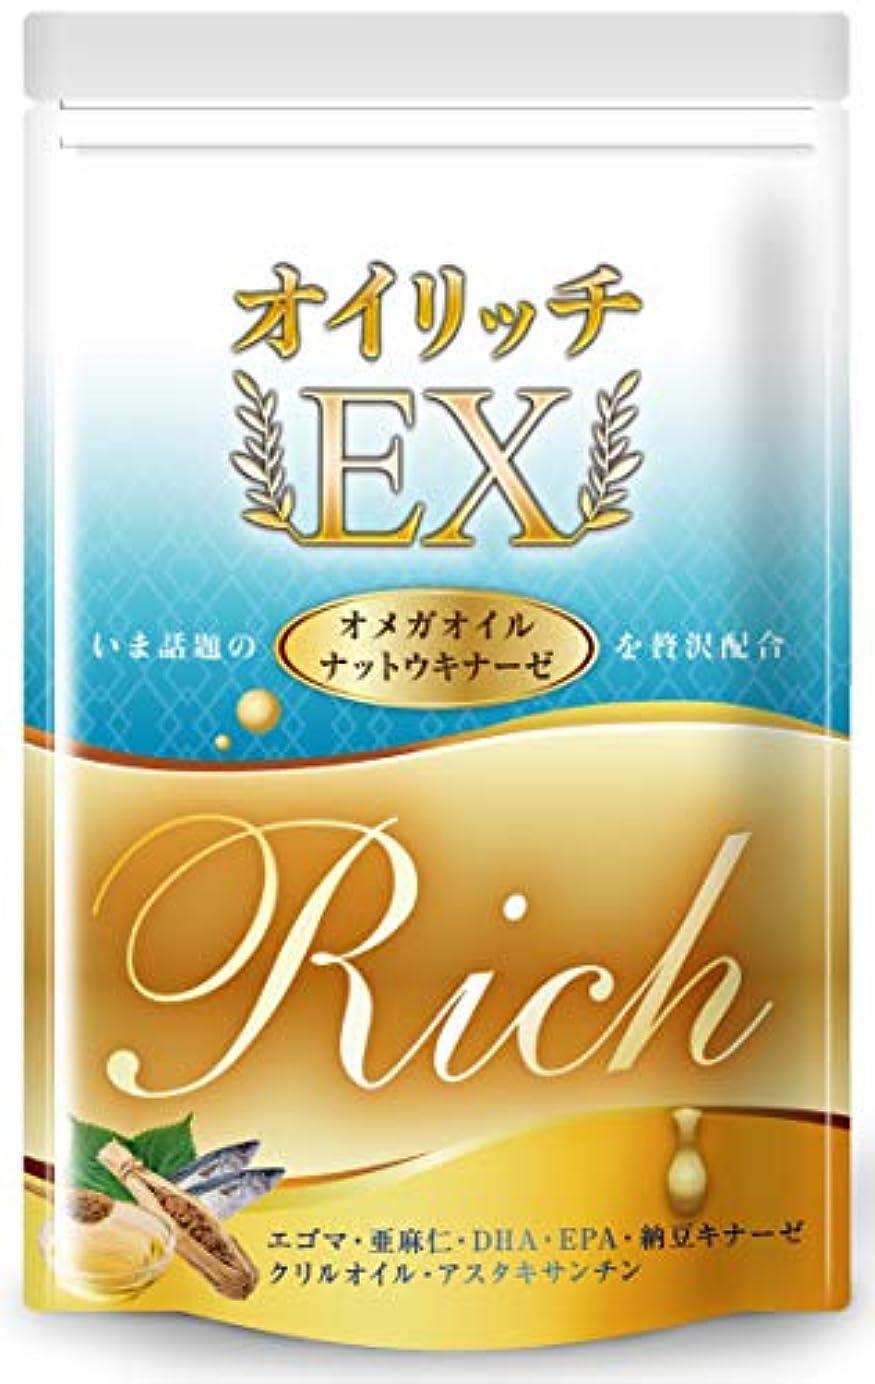 パドルライトニングずらすオメガ3 DHA EPA フィッシュオイル アスタキサンチン ナットウキナーゼ オイリッチEX 亜麻仁油 えごま油 30日分